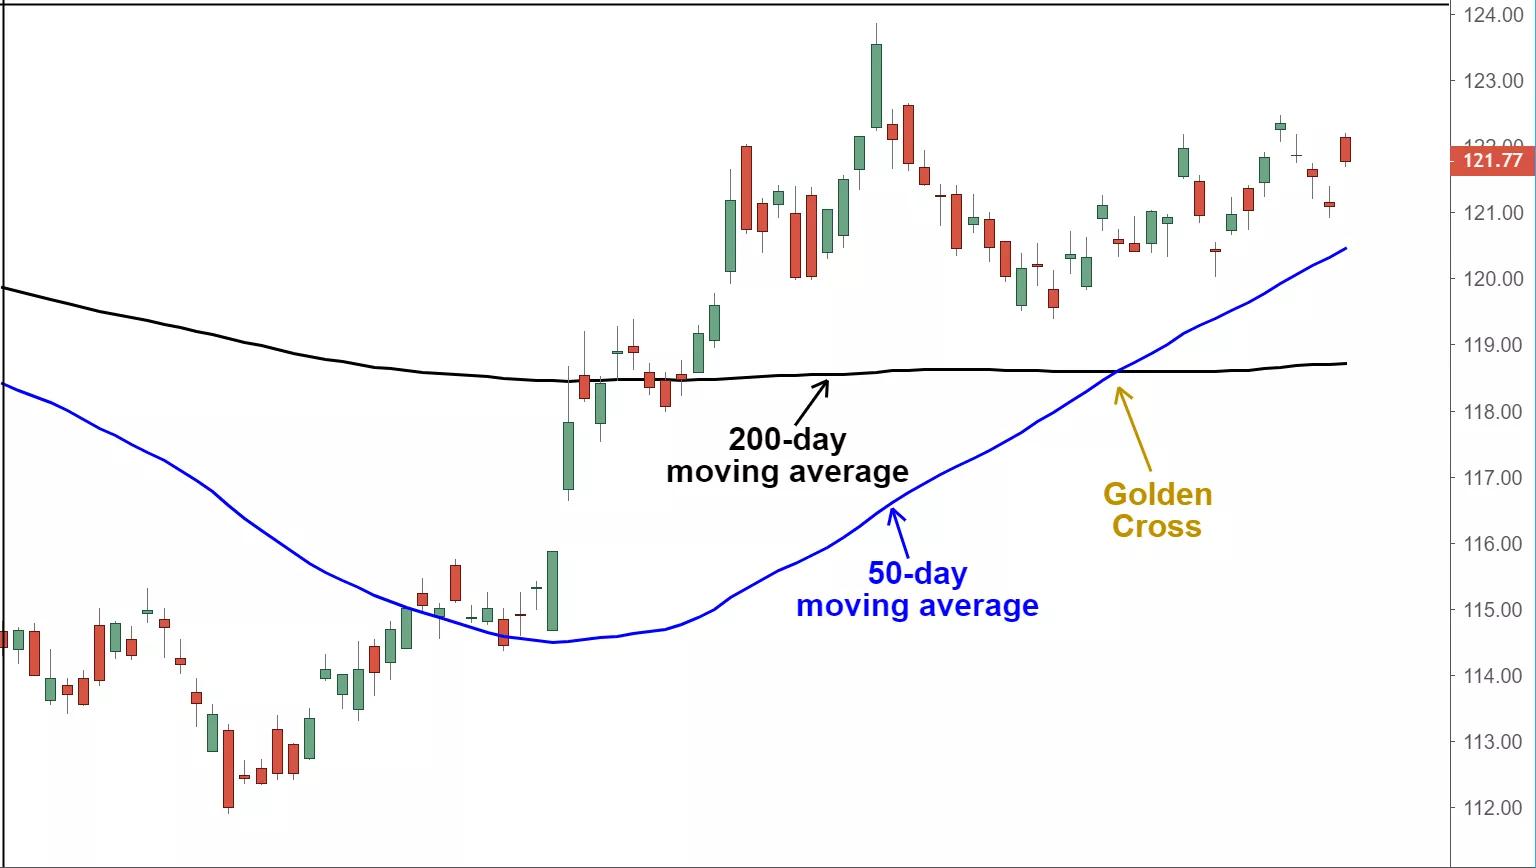 golden cross chart pattern